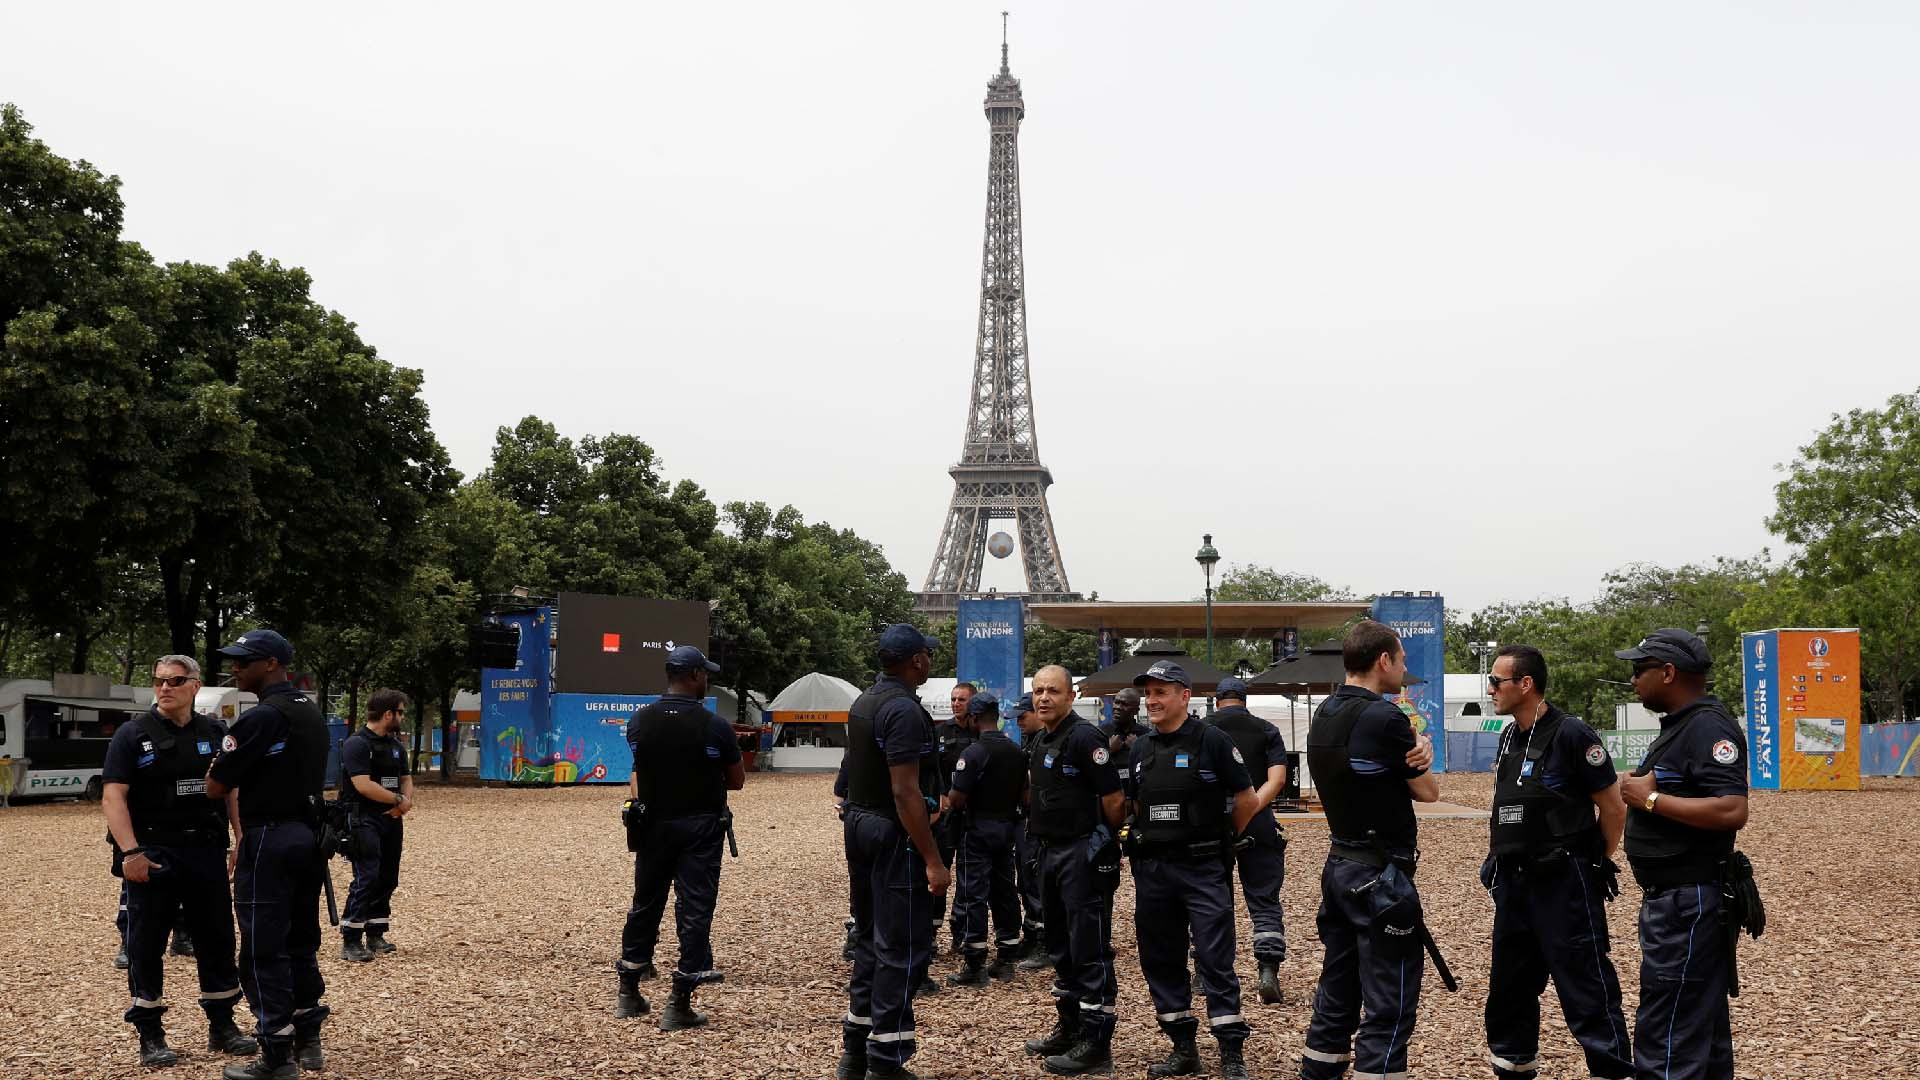 Las protestas van contra reformas laborales aplicadas en Francia